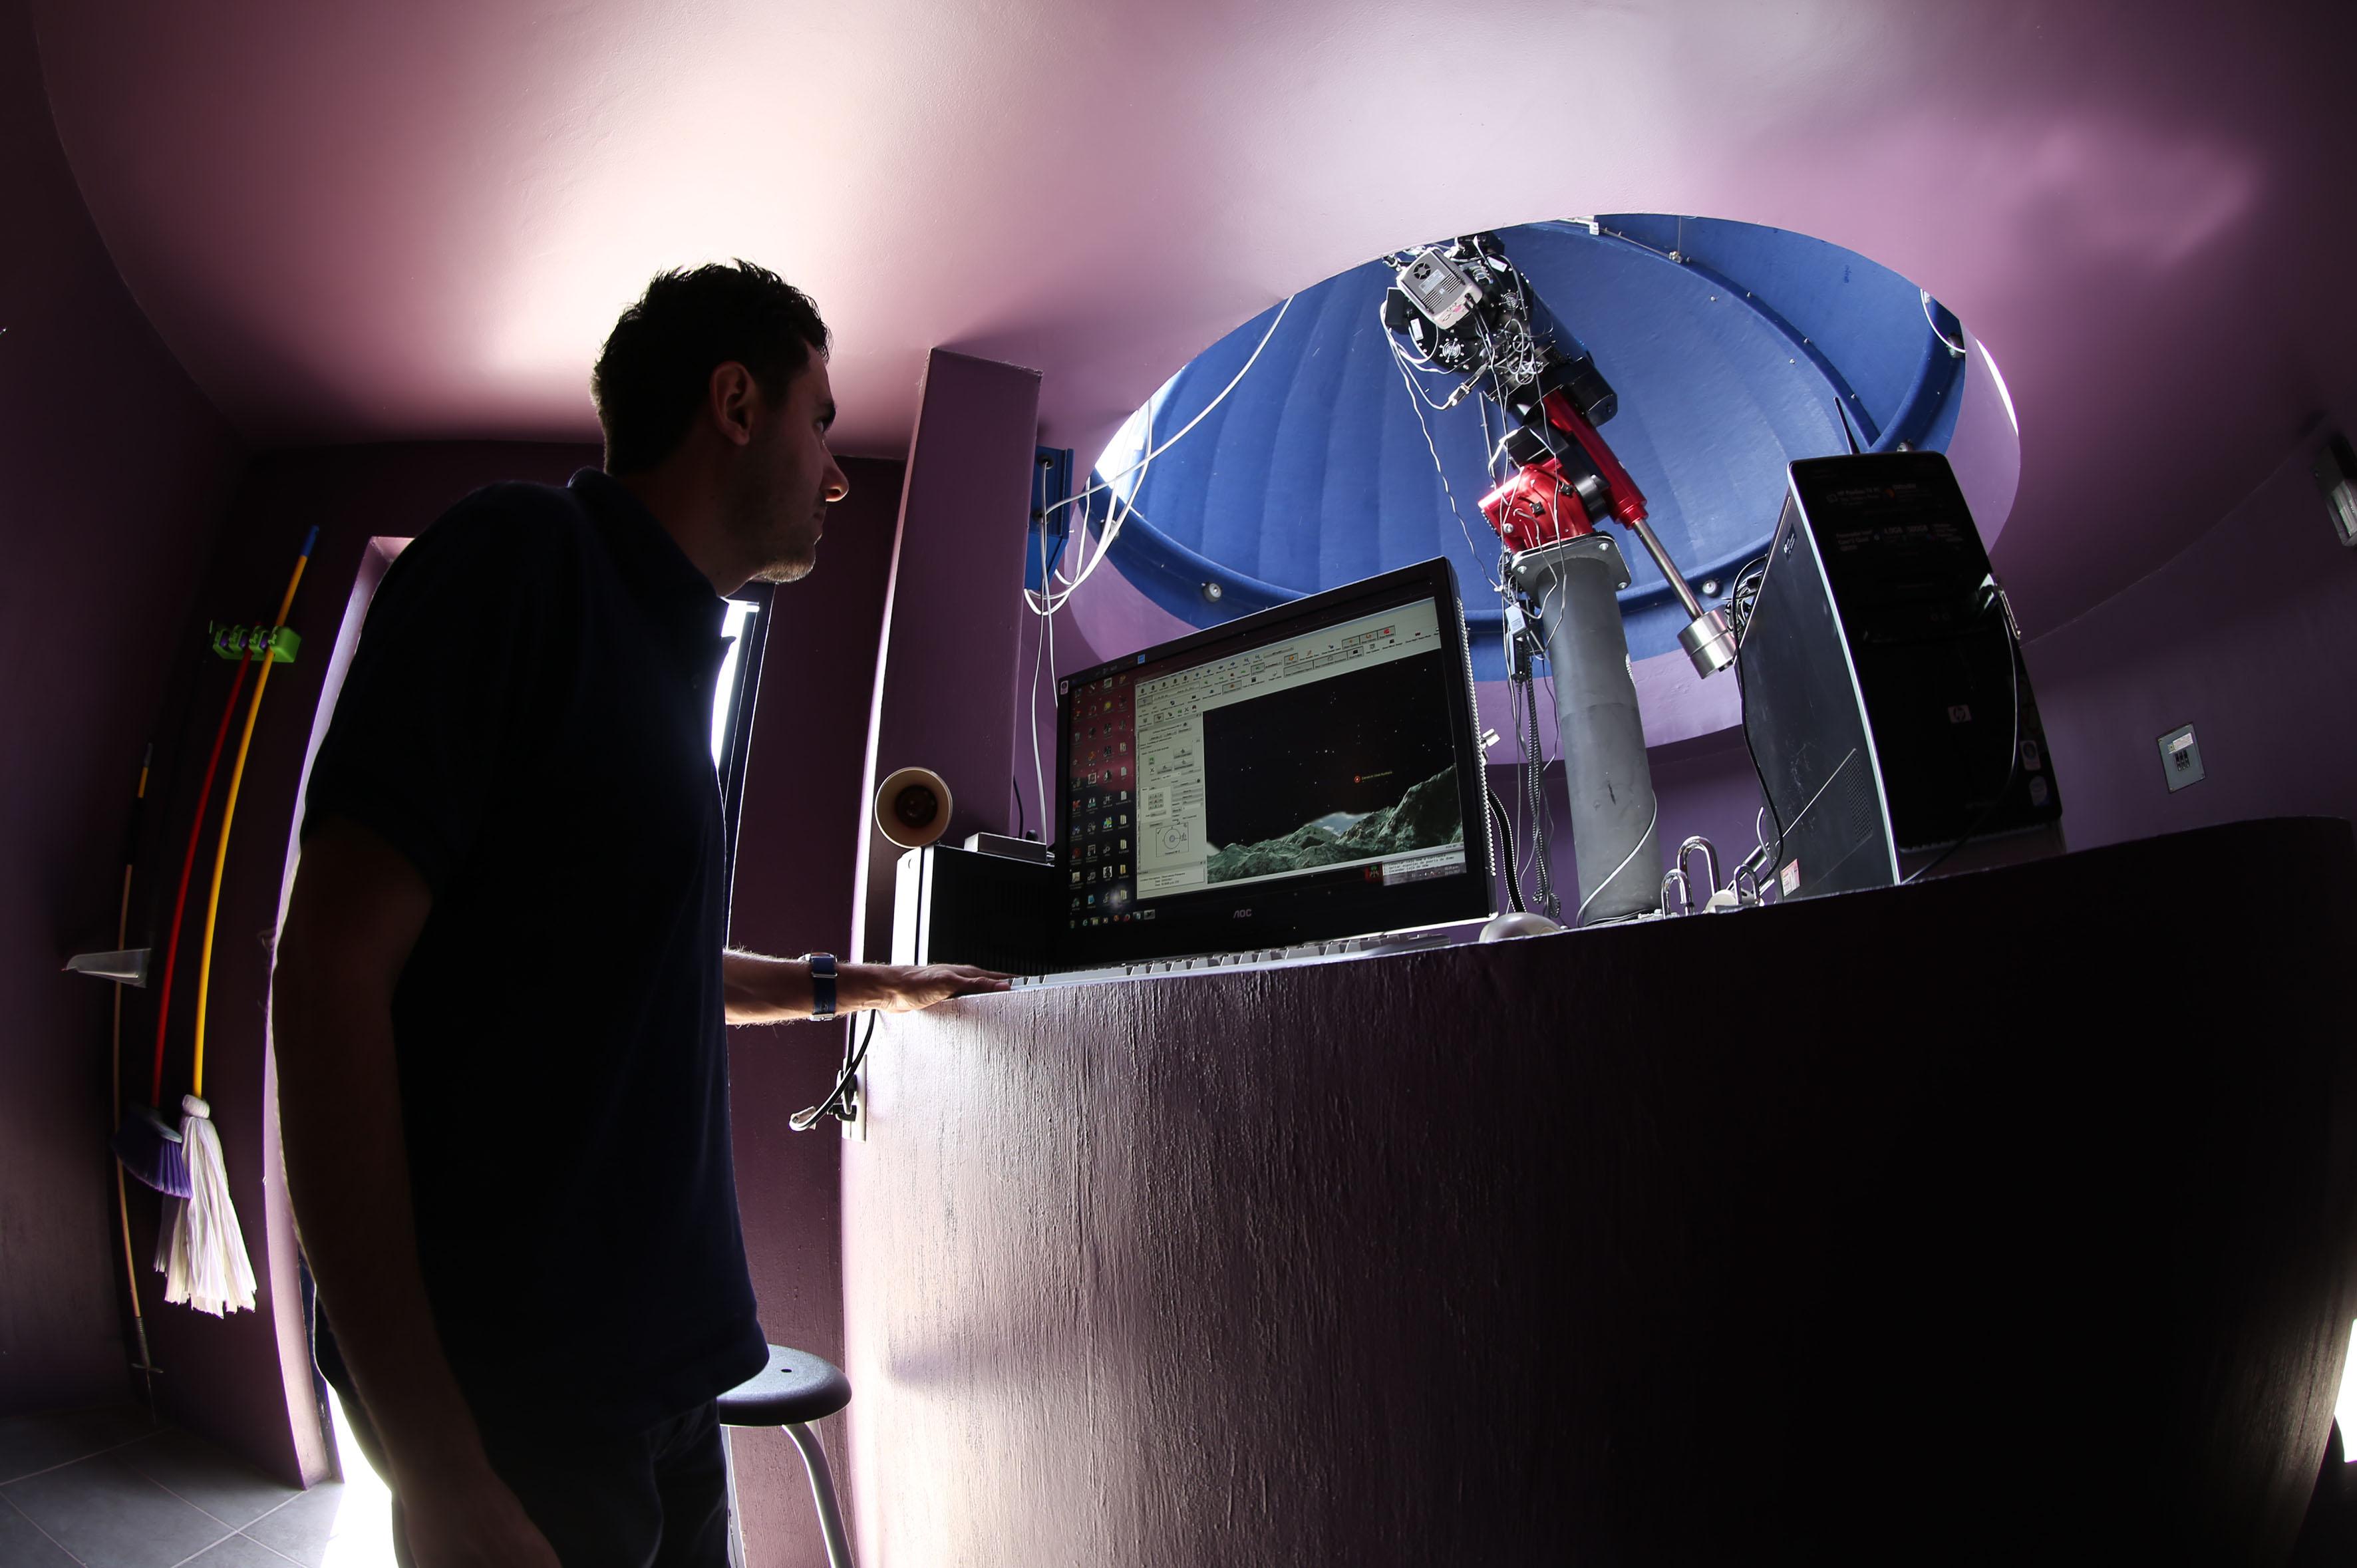 Profesor investigador de dicho departamento, doctor Gerardo Ramos Larios en el Observatorio Astronómico Robótico Primavera